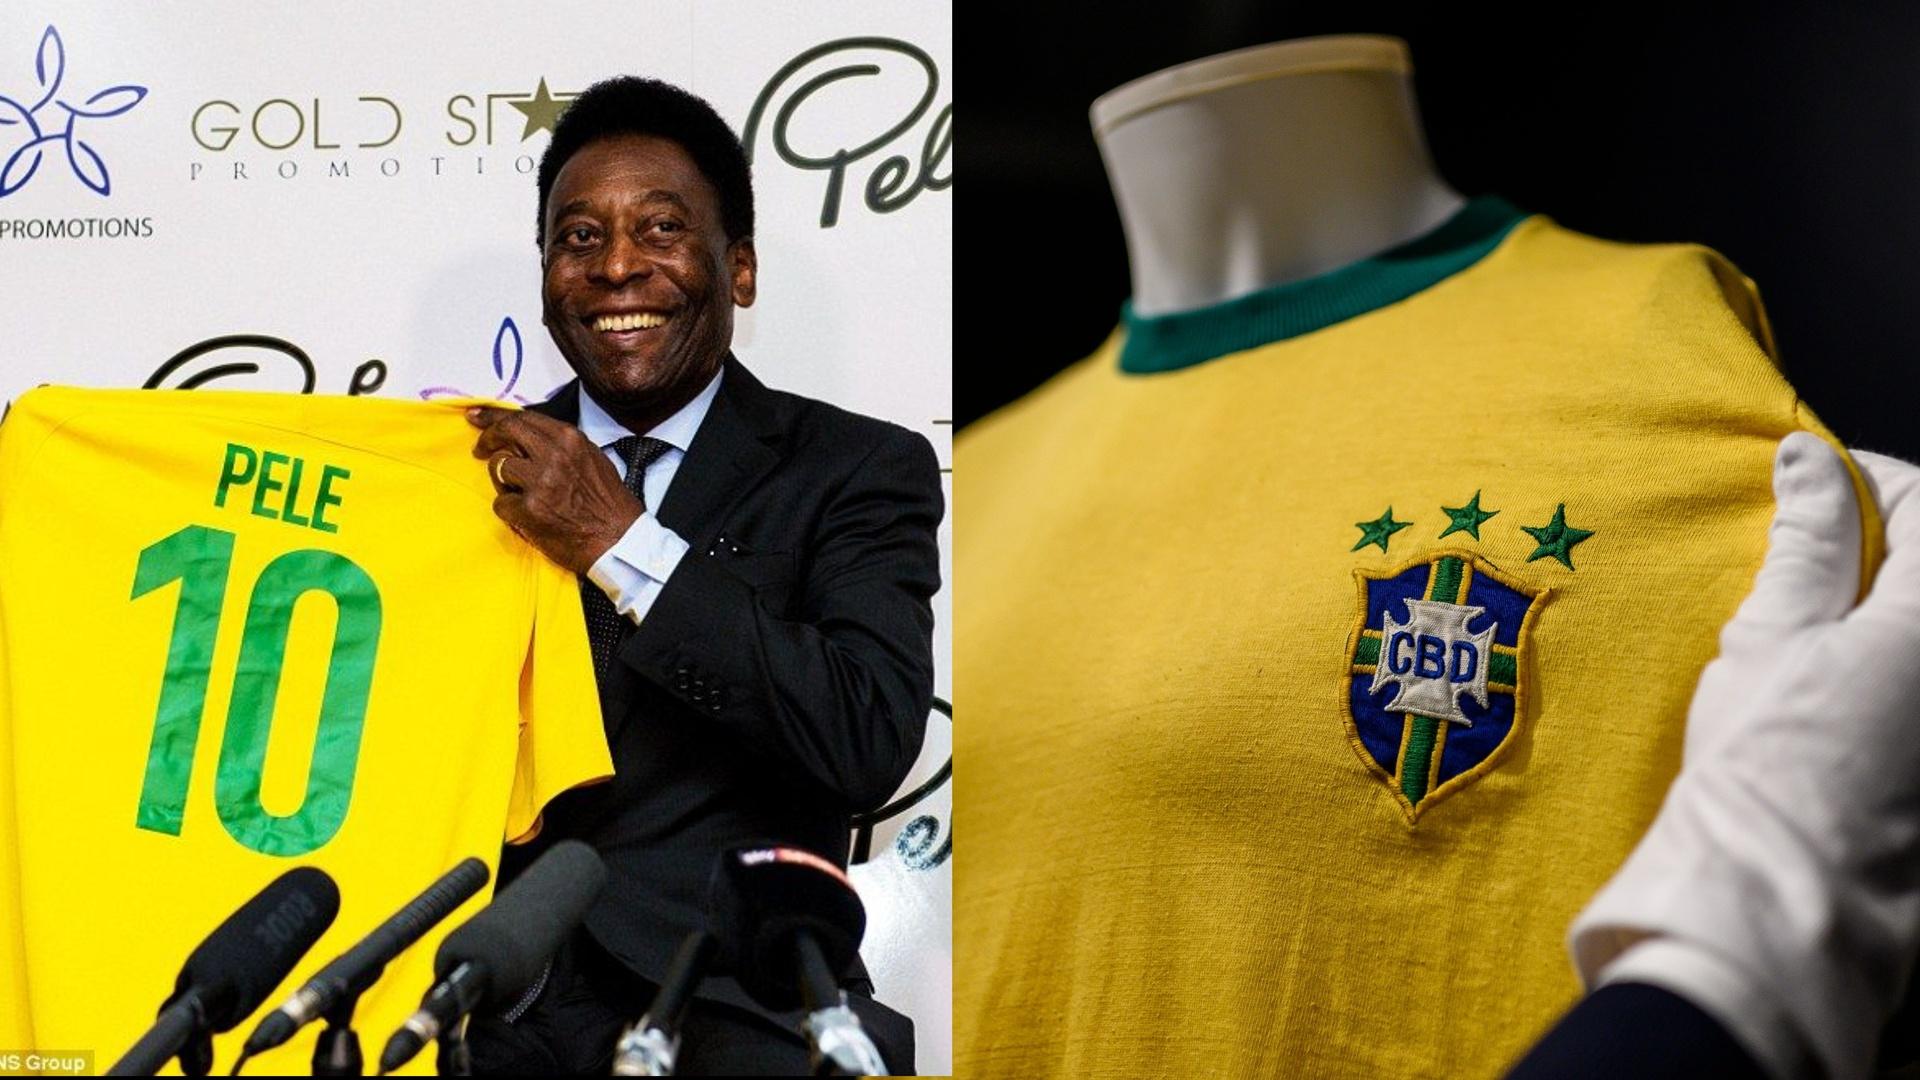 بيع قميص أسطورة كرة القدم البرازيلي بيليه بمزاد علني